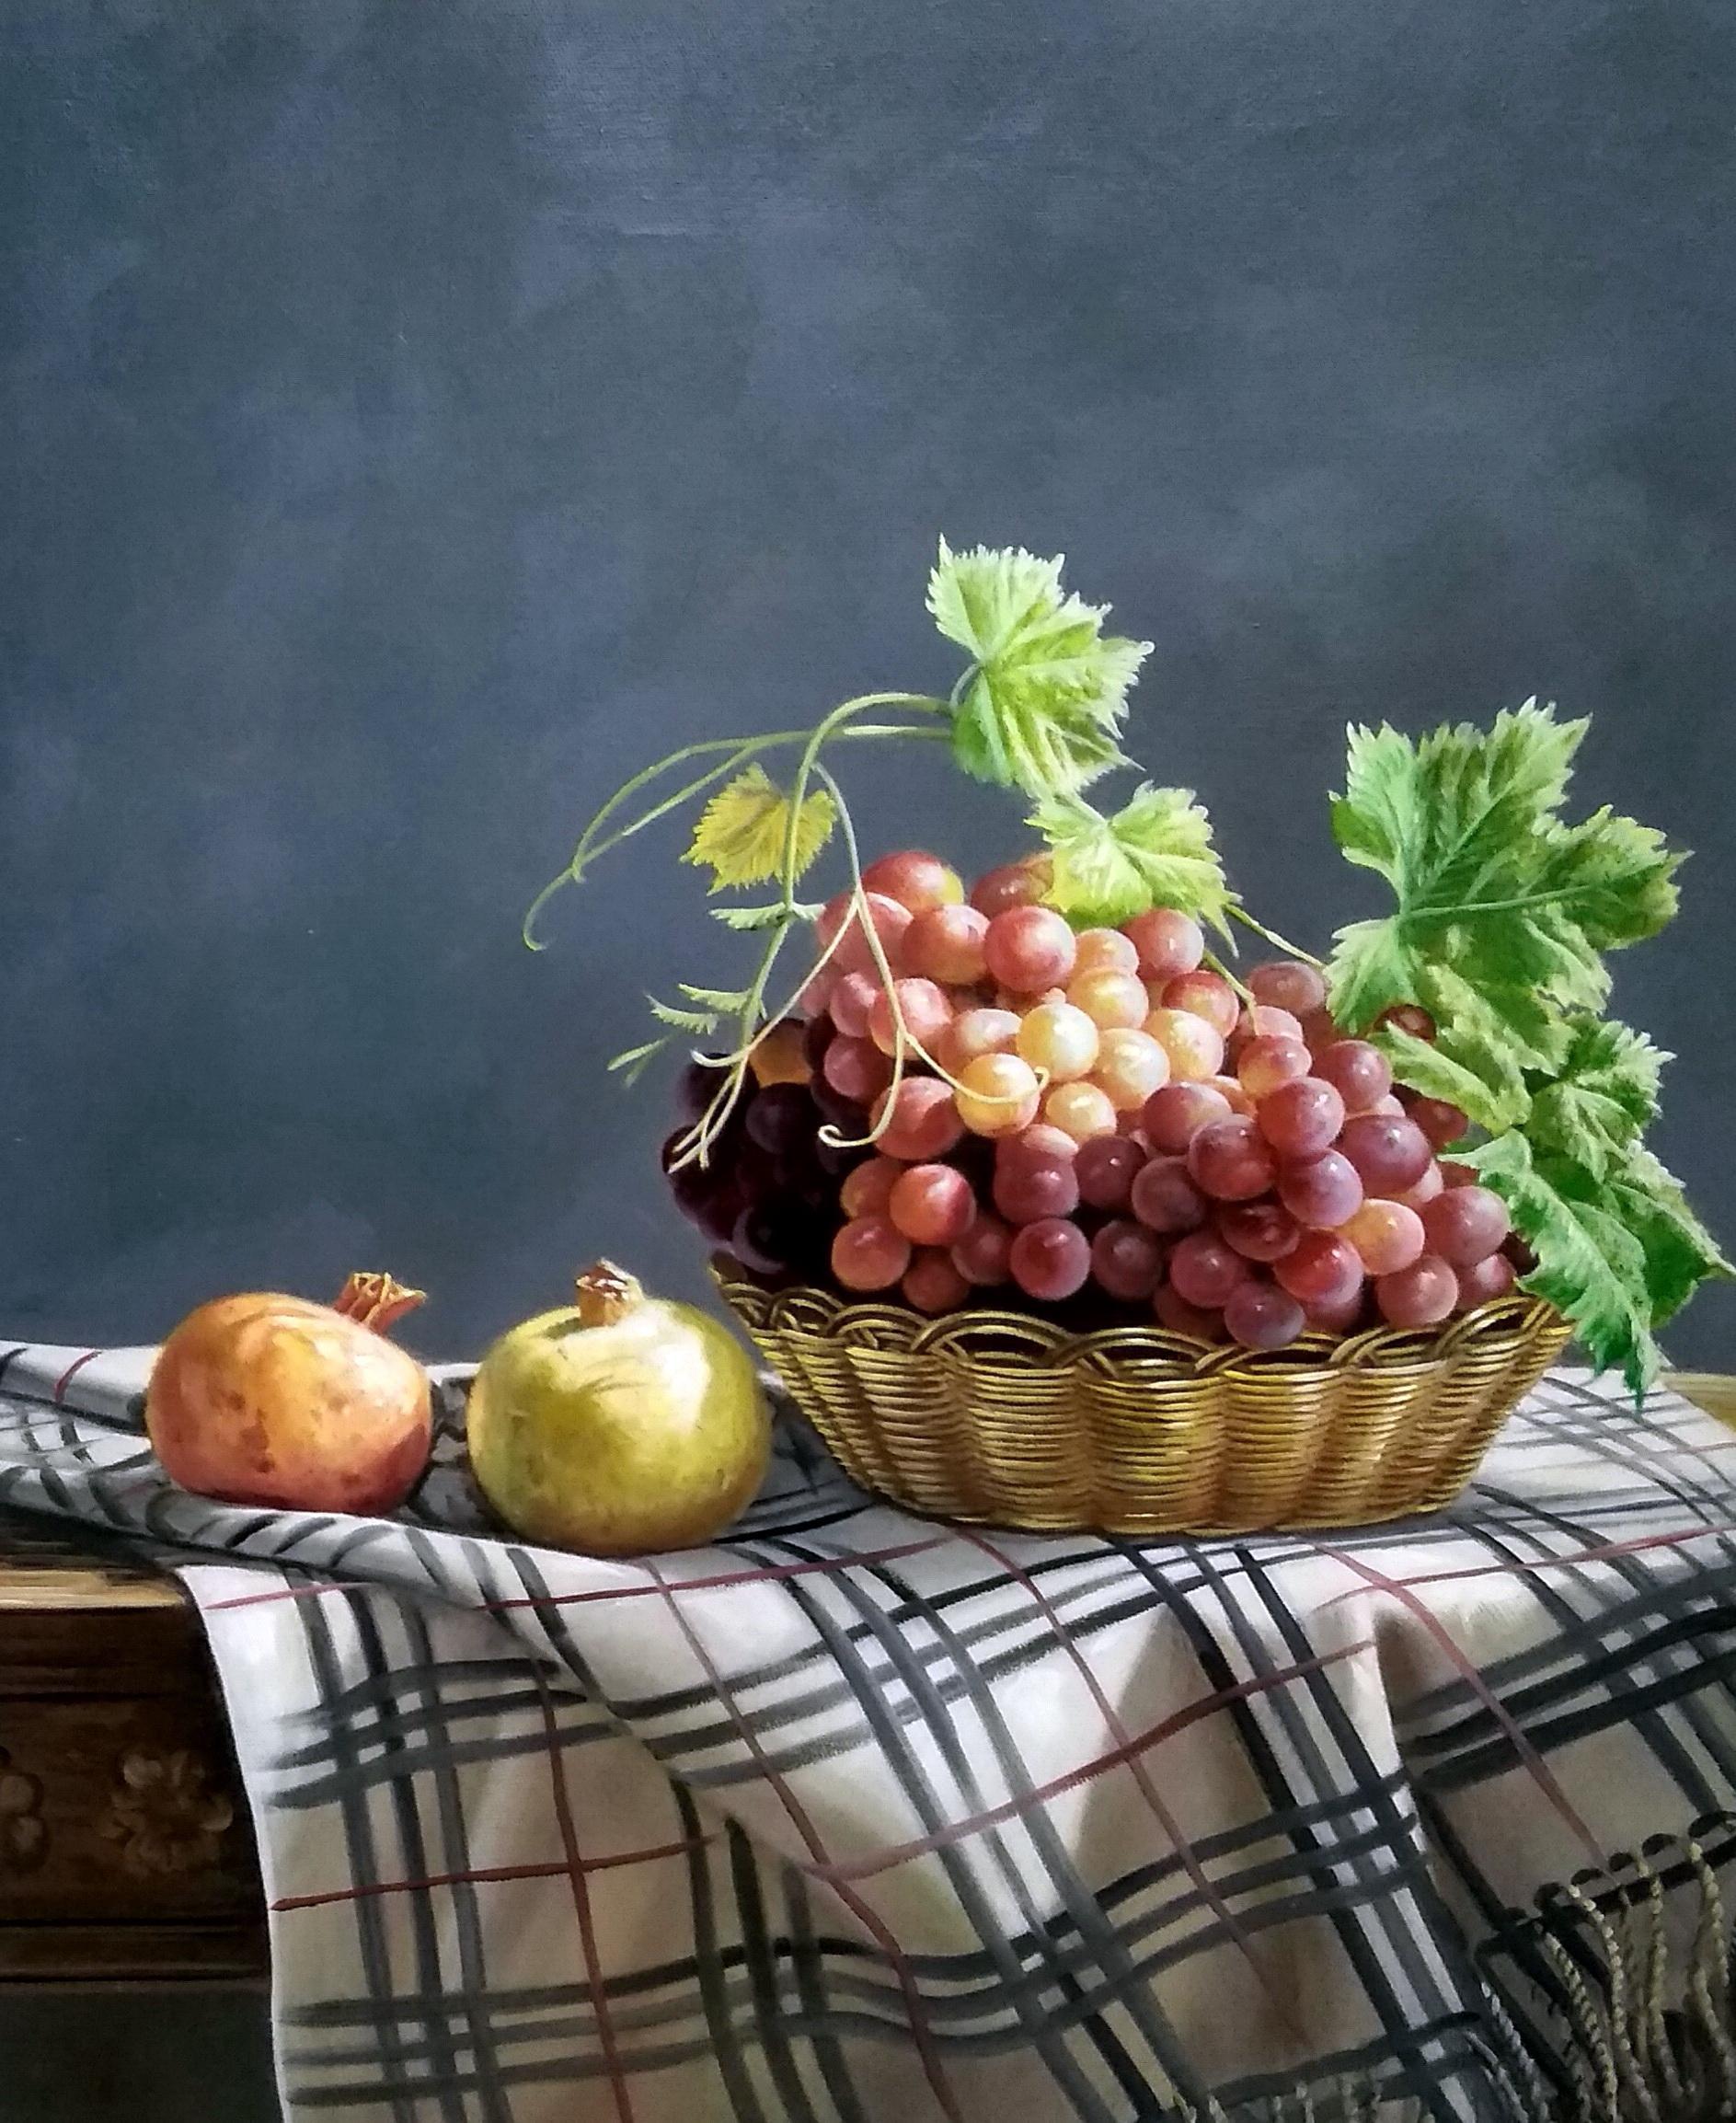 «Виноград и гранат» картина 50х60 арт.5ц297